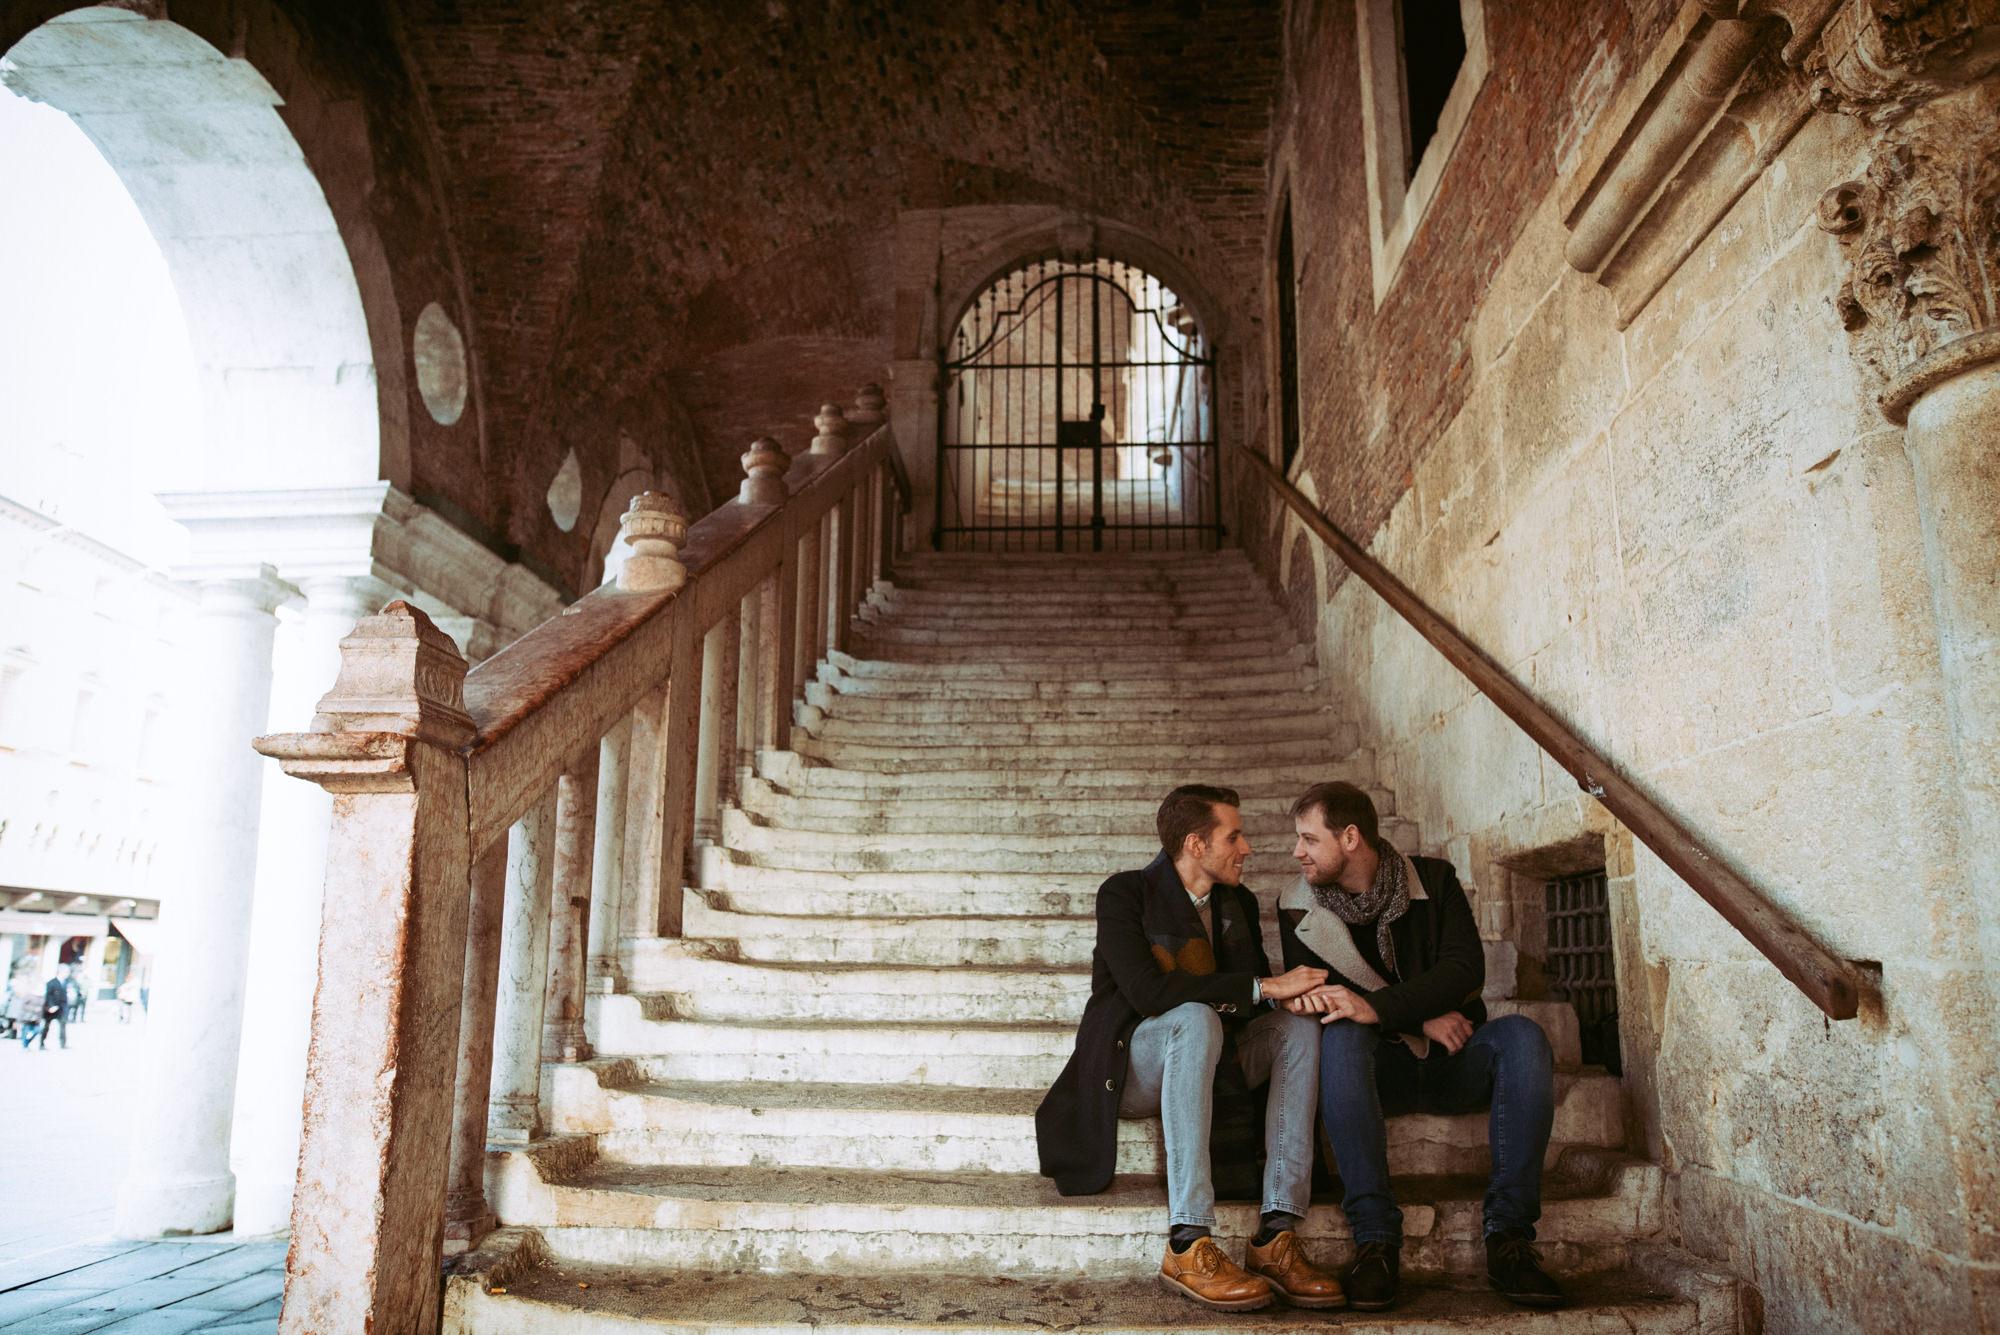 samesex couple photos italy 017 - Same-Sex Couple Photos Italy - Luca & Filippo